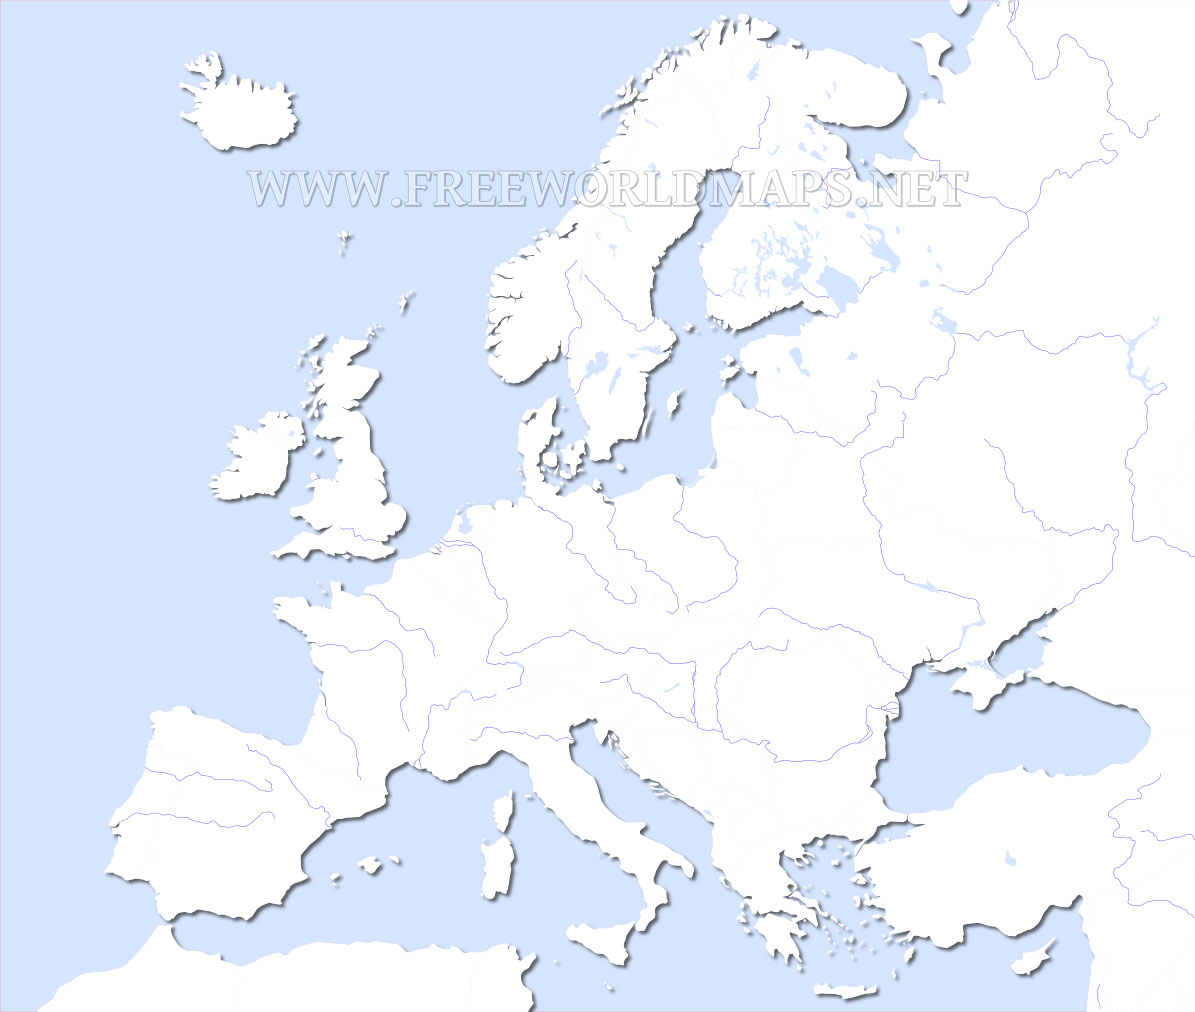 Europe Physical Map Freeworldmaps Net